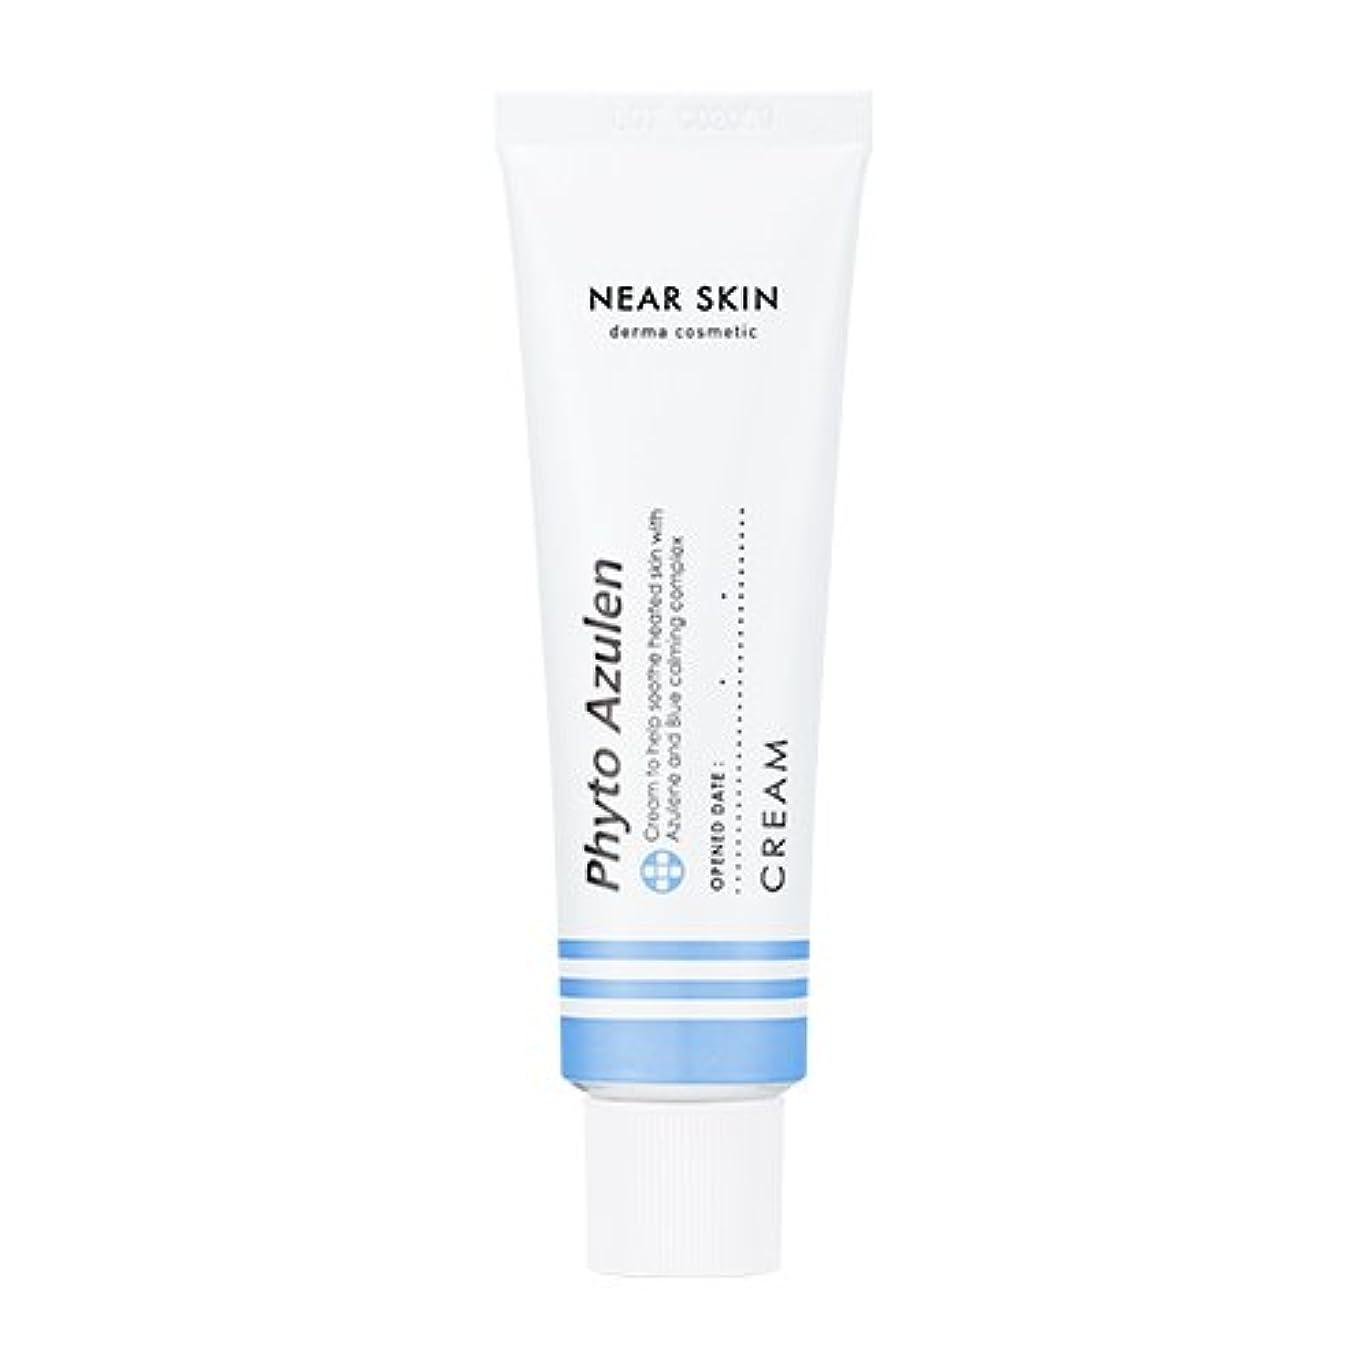 そばに取るラウンジMISSHA [NEAR SKIN] Phyto Azulen Cream/ミシャ ニアスキン フィトアズレンクリーム 50ml [並行輸入品]